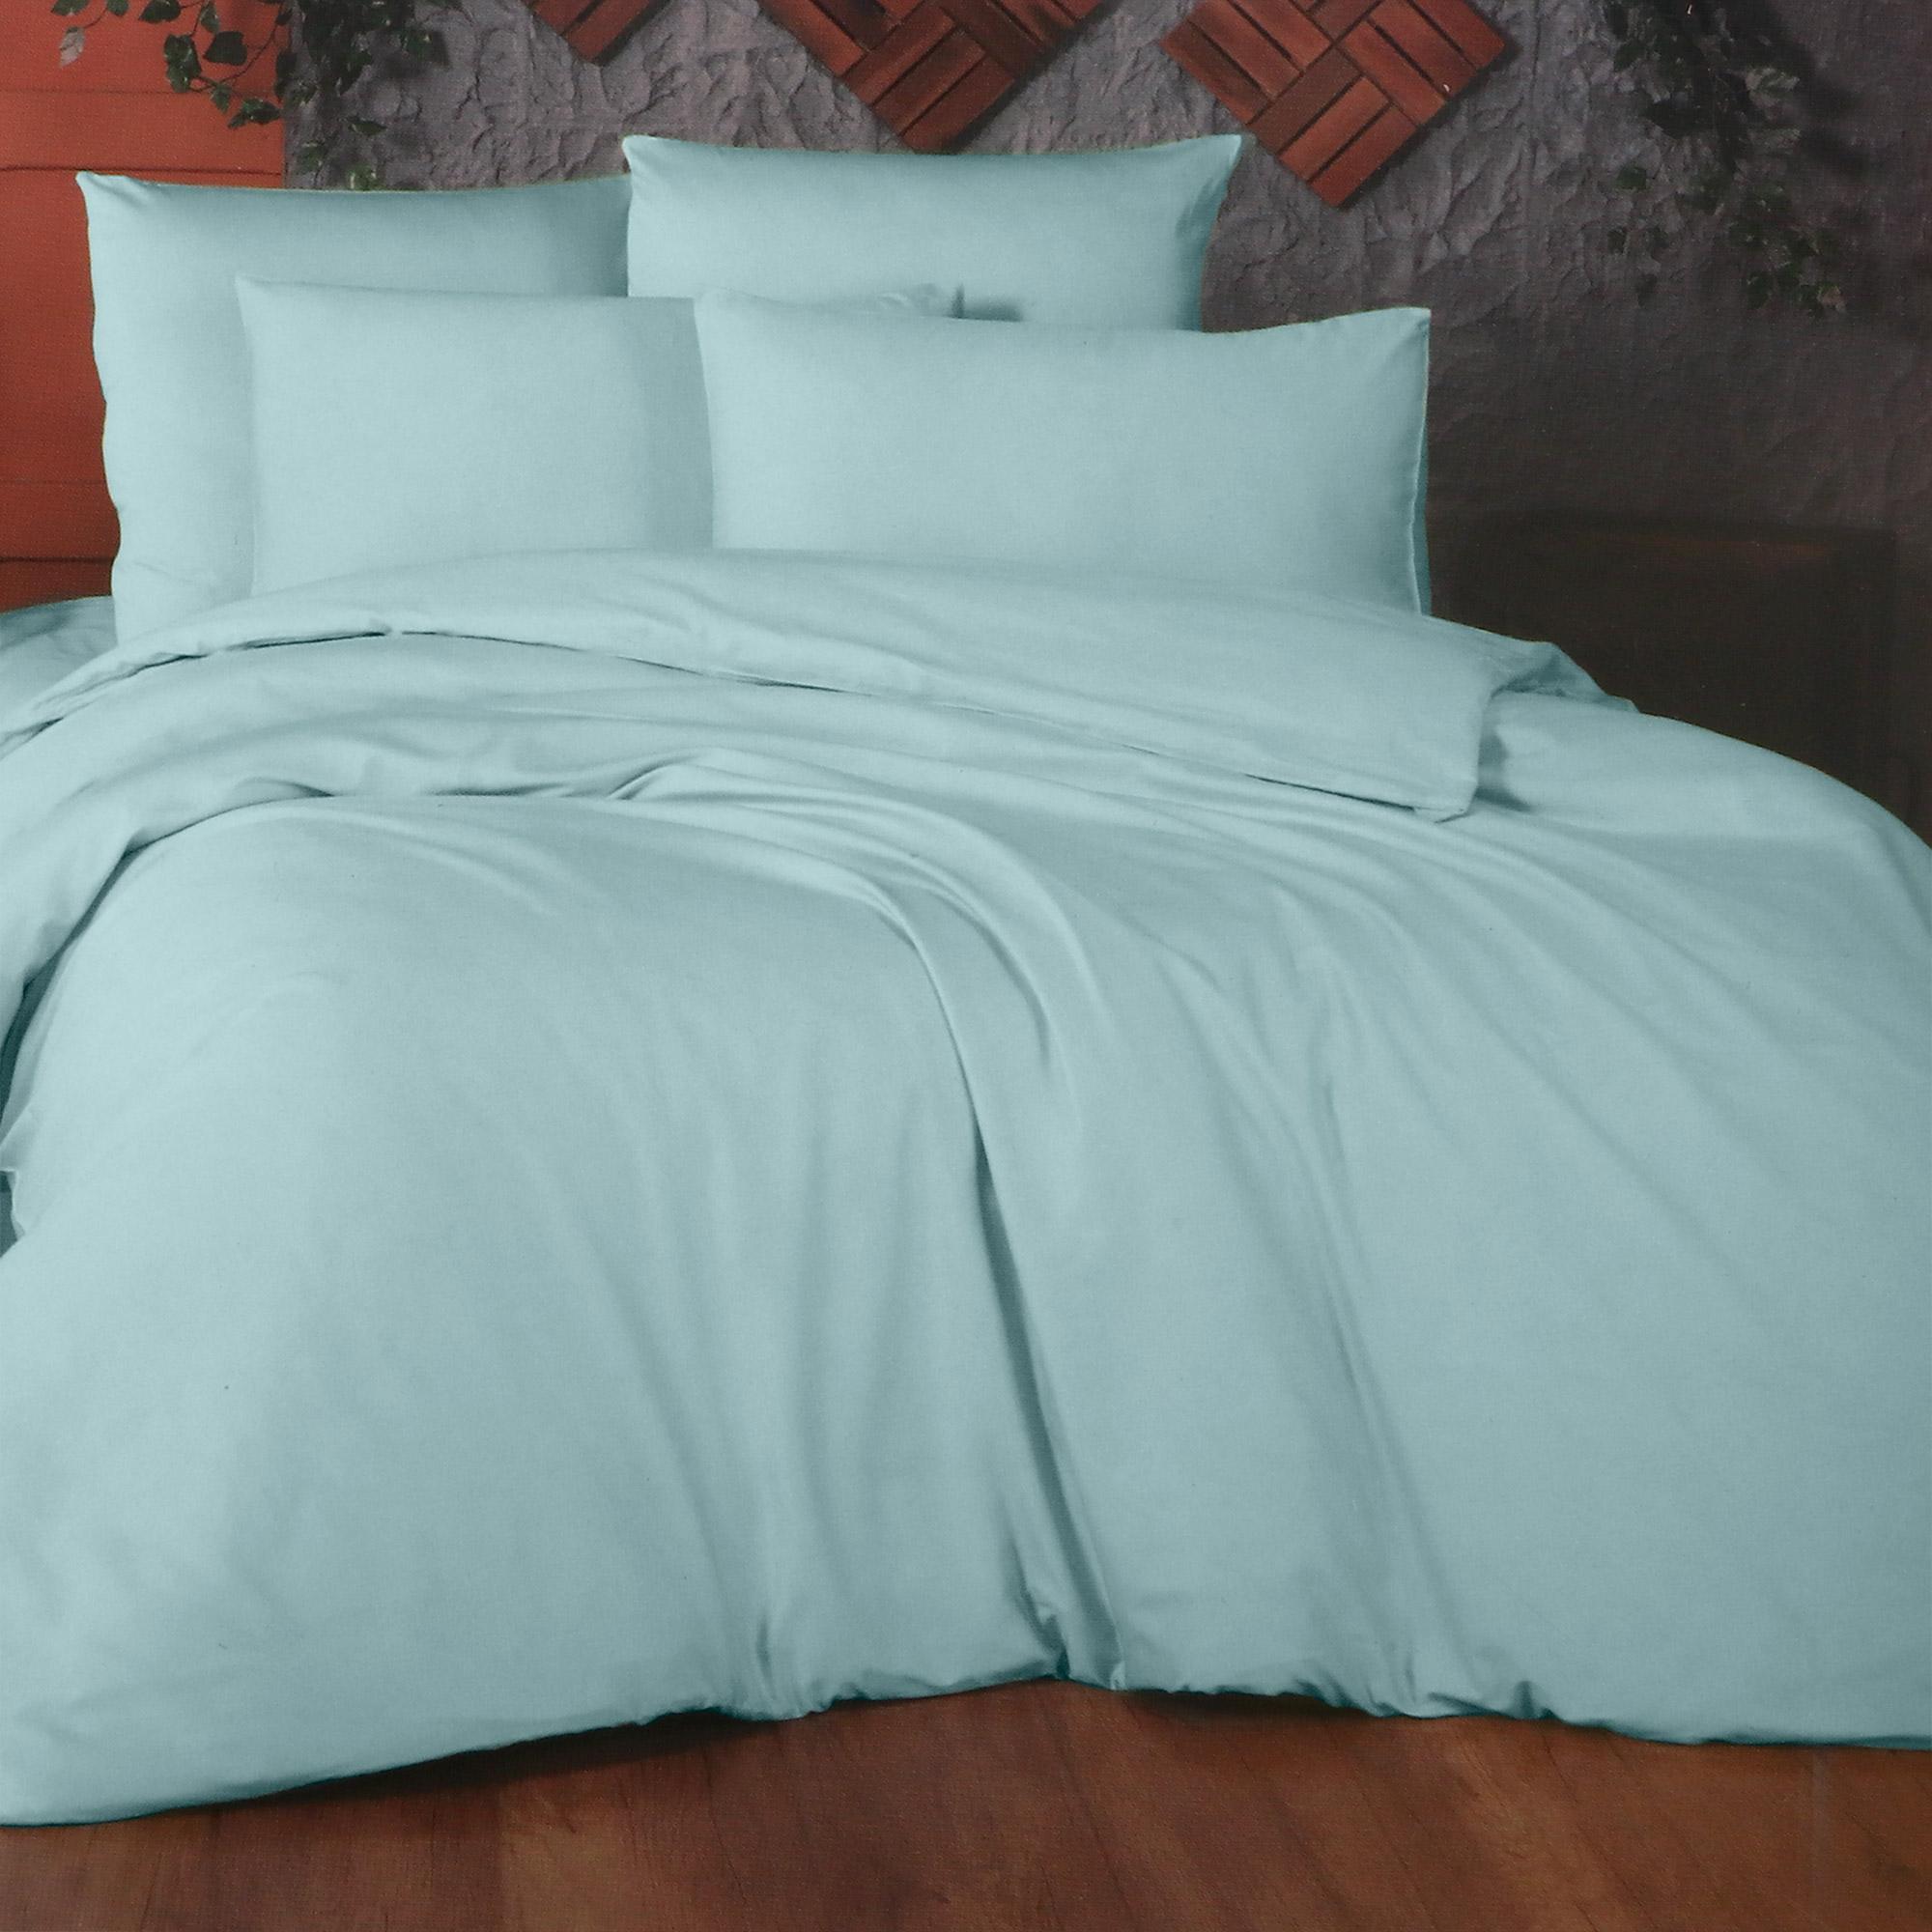 Фото - Комплект постельного белья La Besse Ранфорс голубой Евро комплект постельного белья la besse ранфорс тёмно серый евро